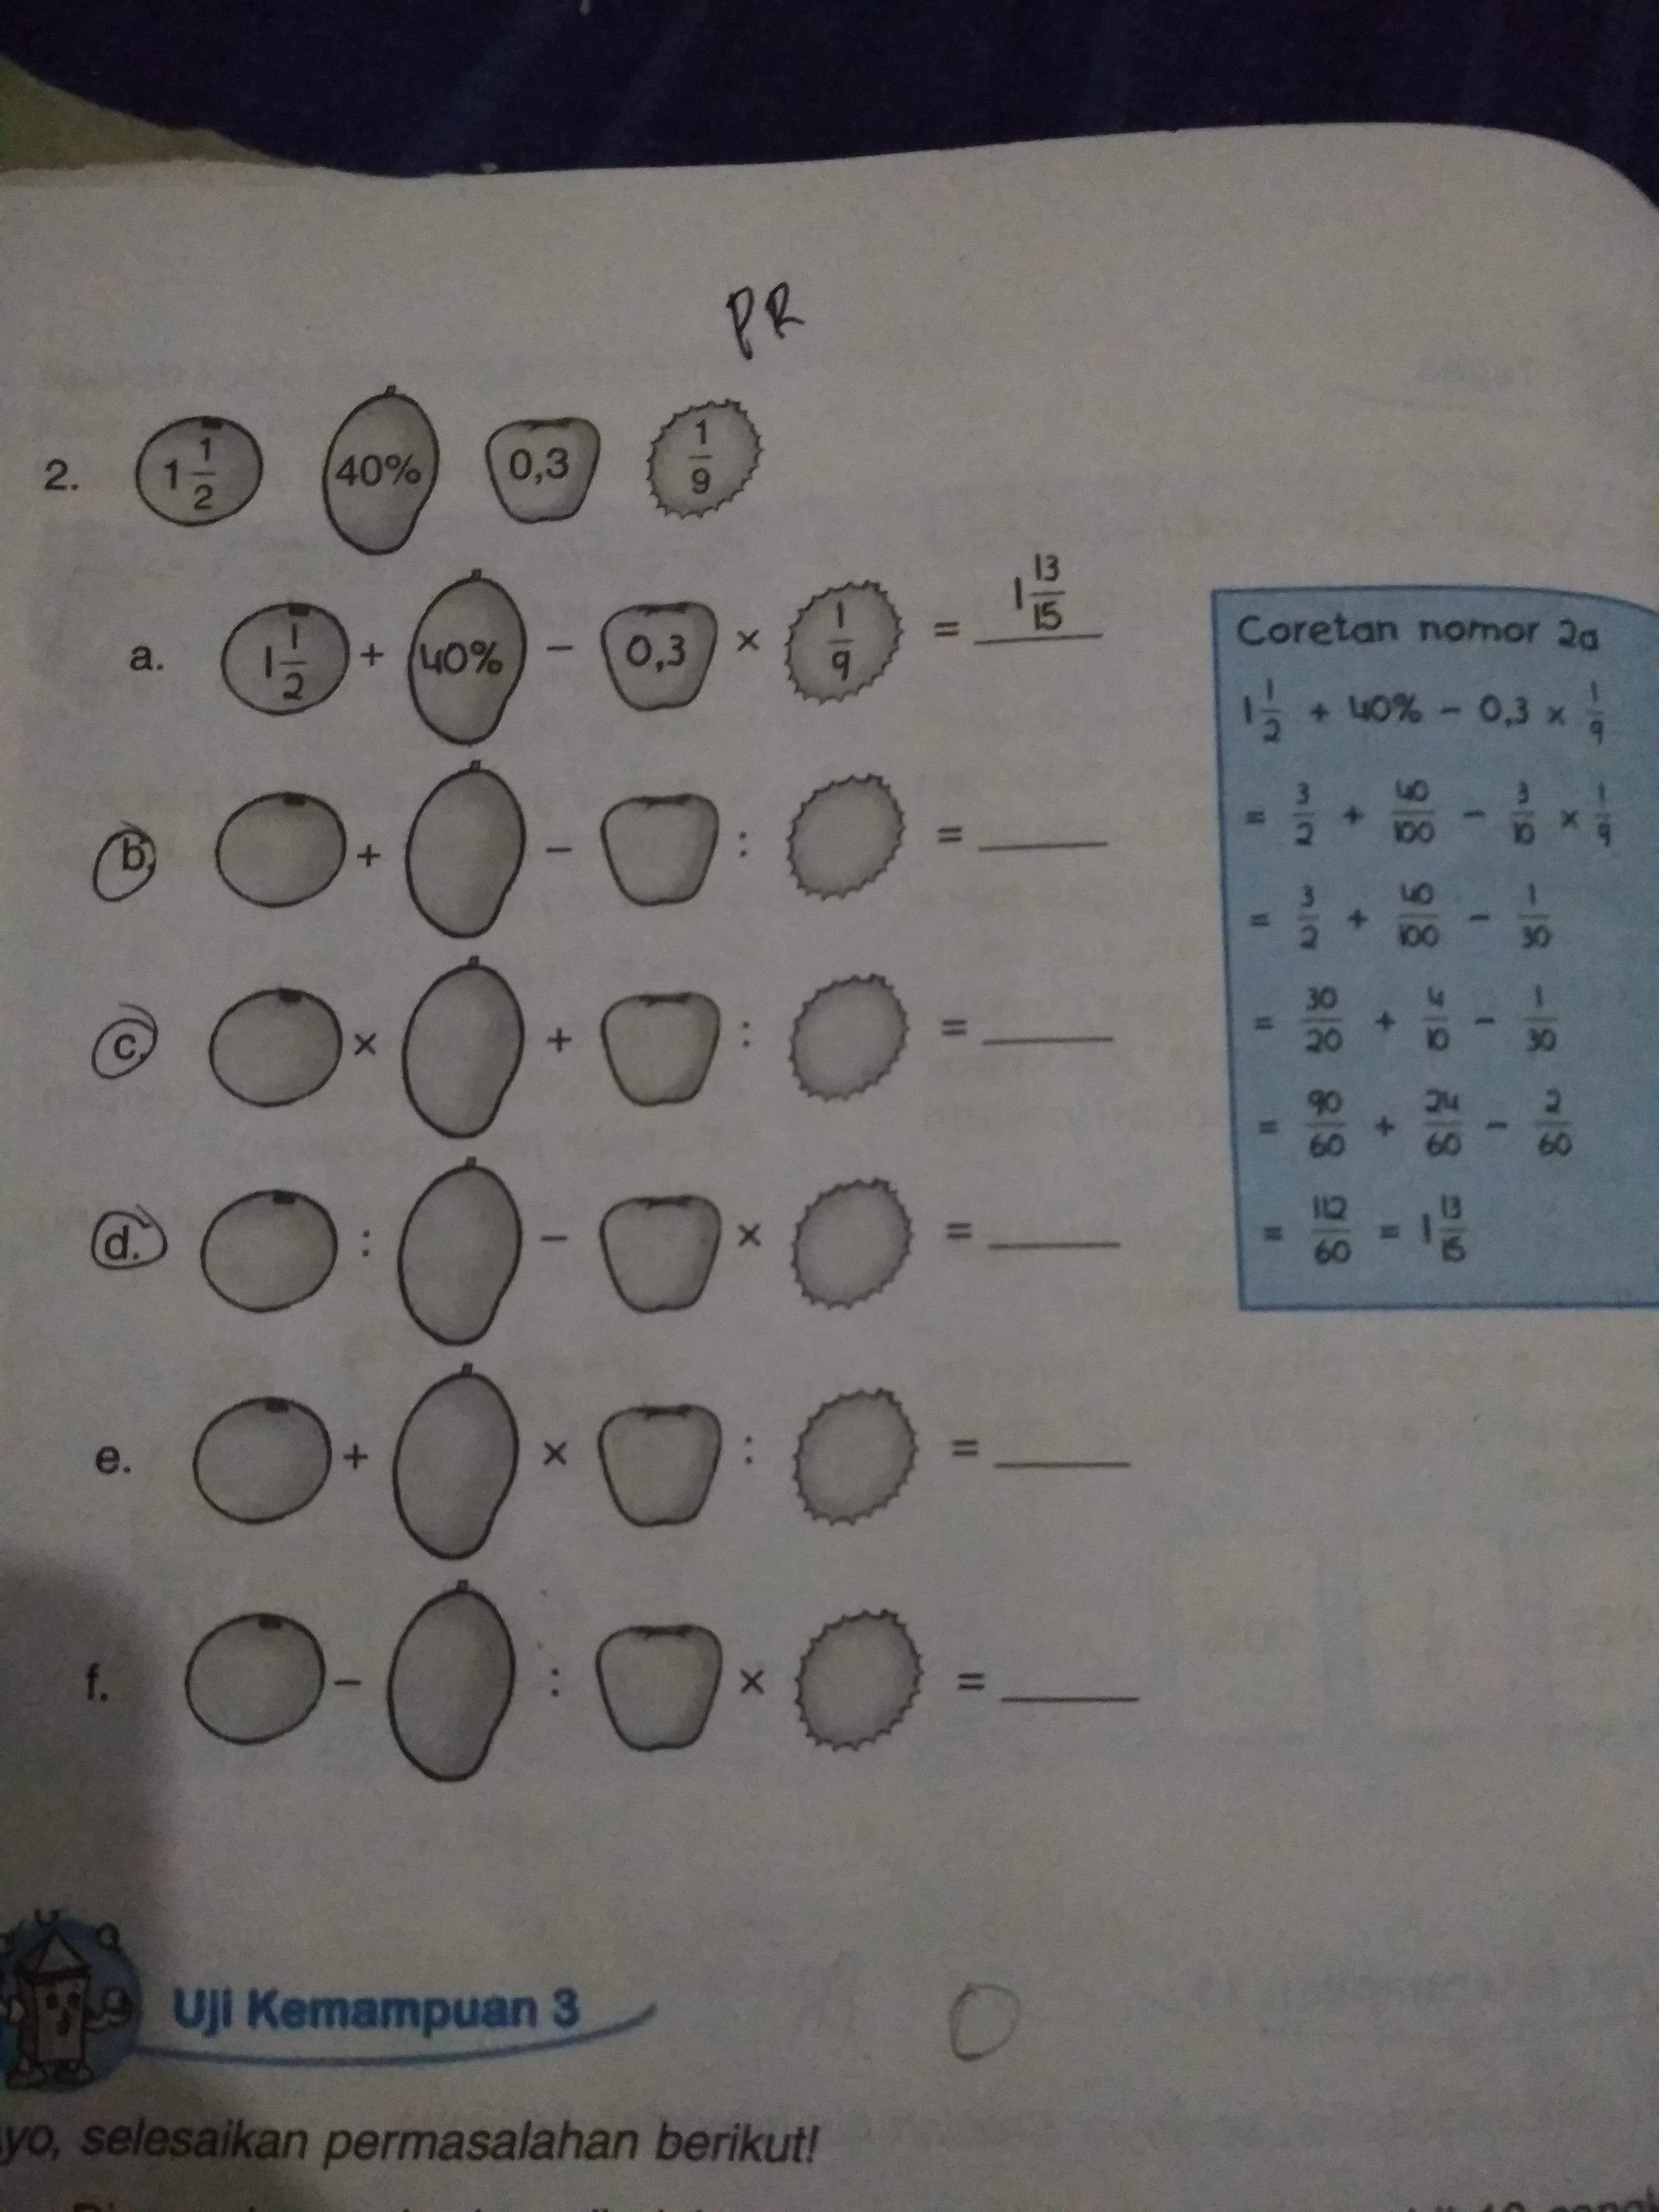 Brainly Mtk Kelas 6